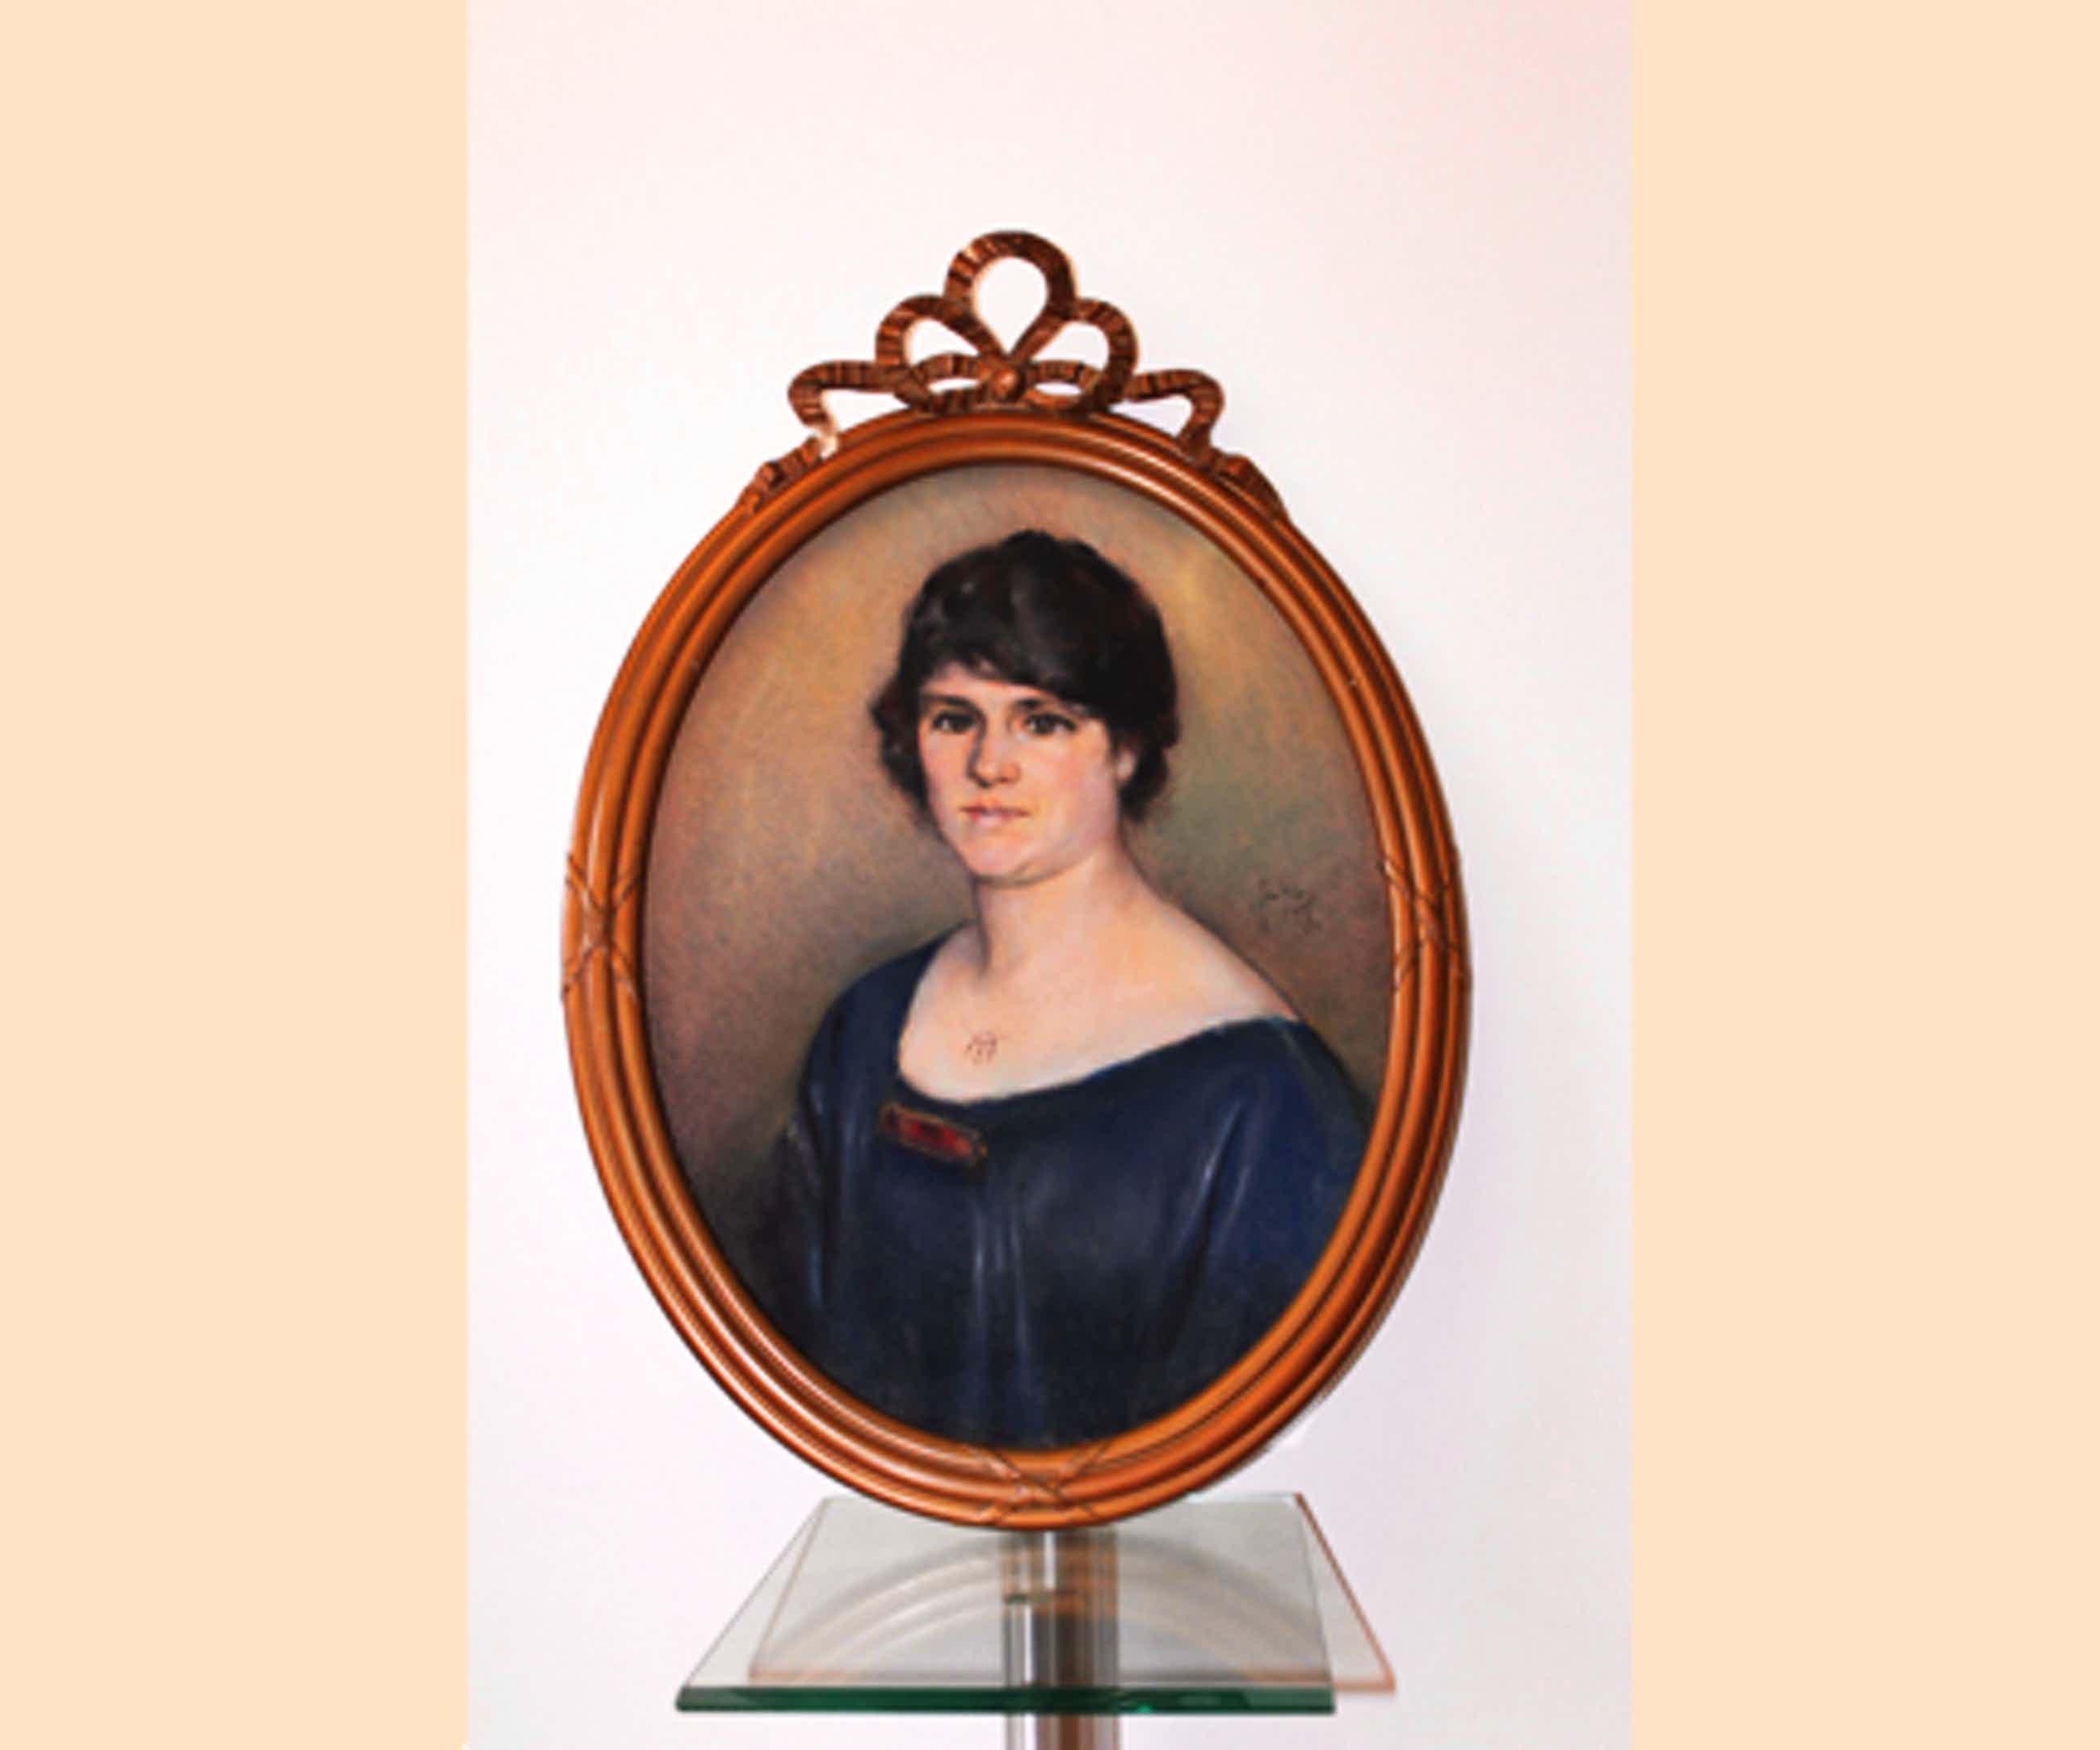 Jan Bleys - Portret van een Dame - Pastel op board (1920) kopen? Bied vanaf 85!